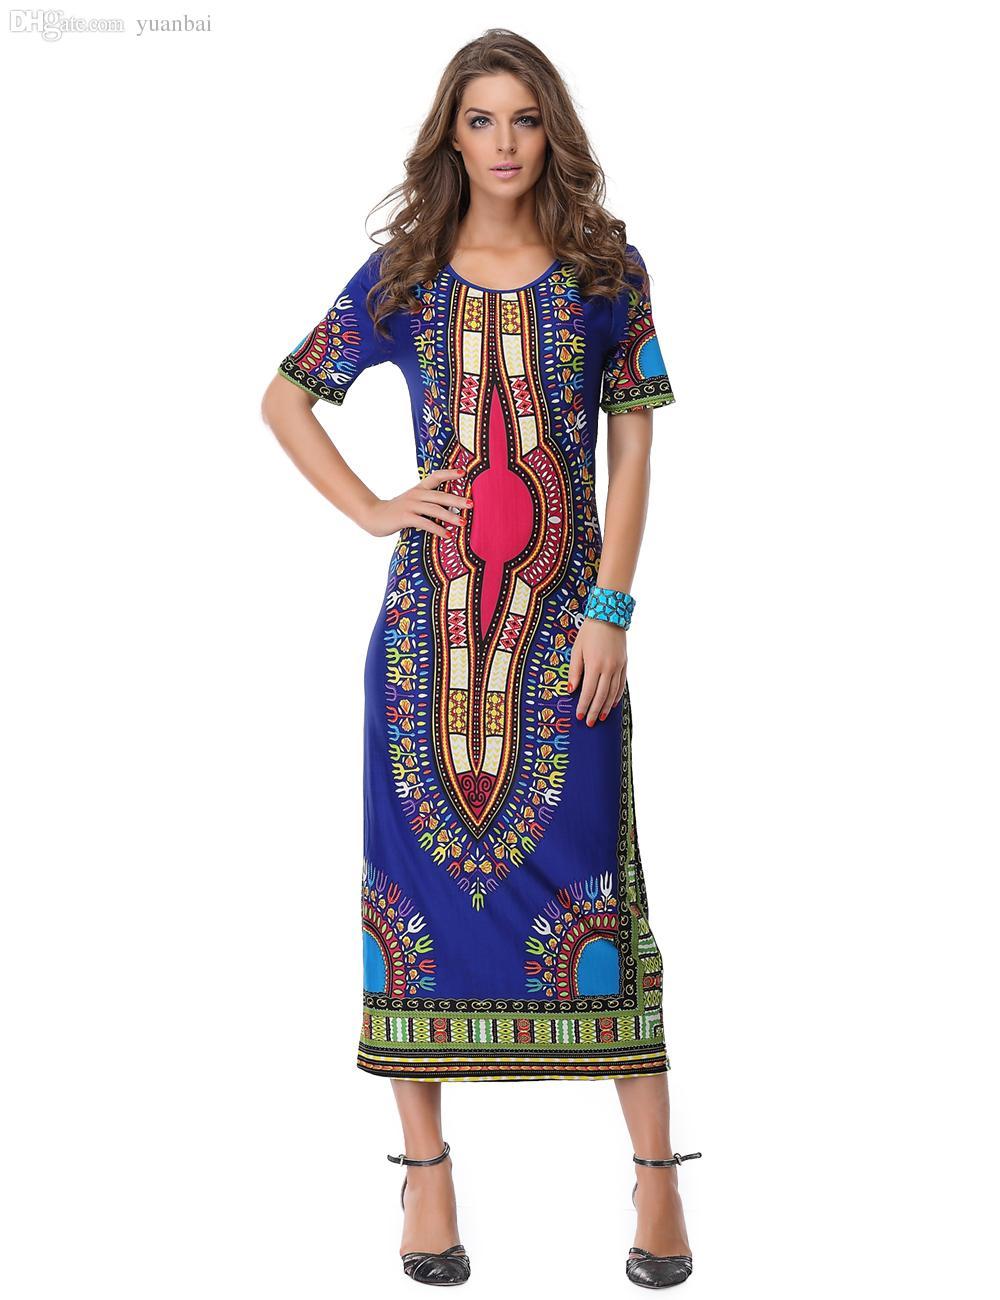 Großhandel Großhandels Frauen Sommer Traditionelle Afrikanische Mode ...